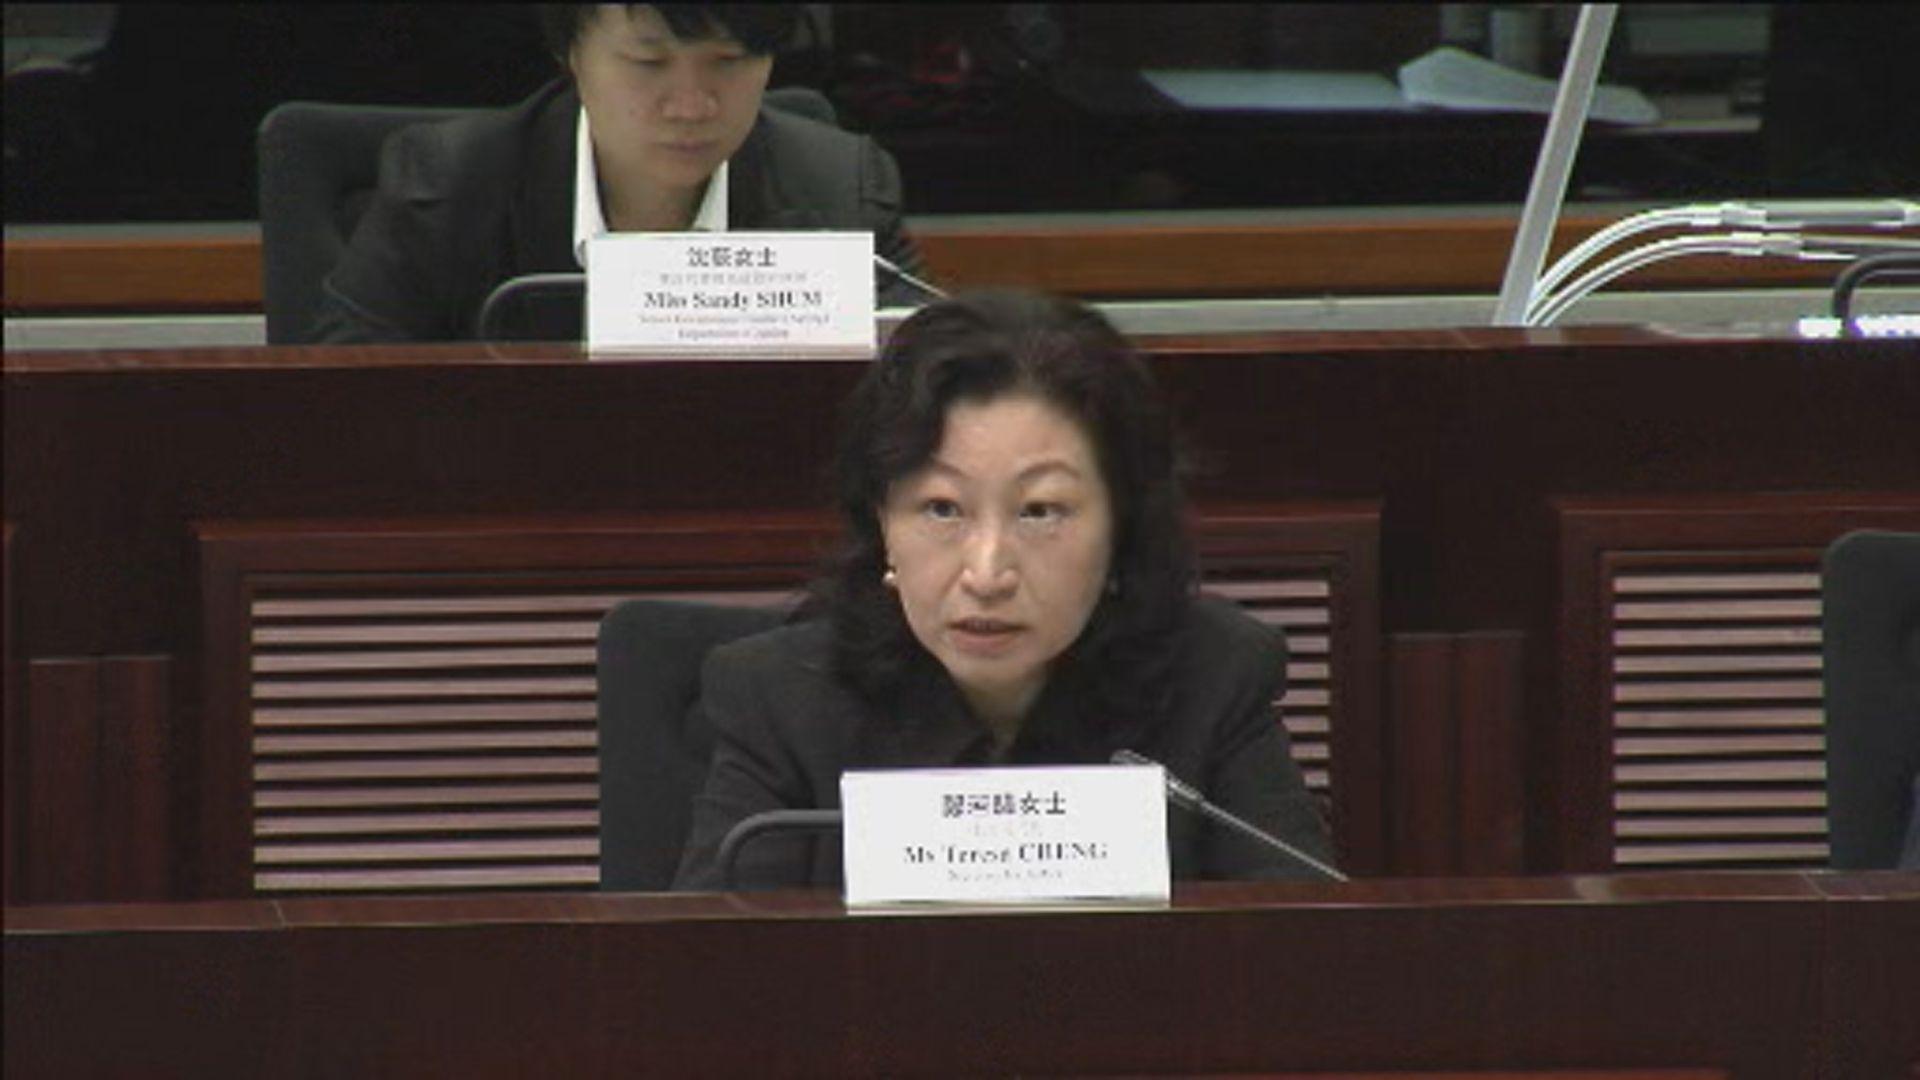 【逃犯條例】鄭若驊:擴域外法權無追溯力 政府建議較可行